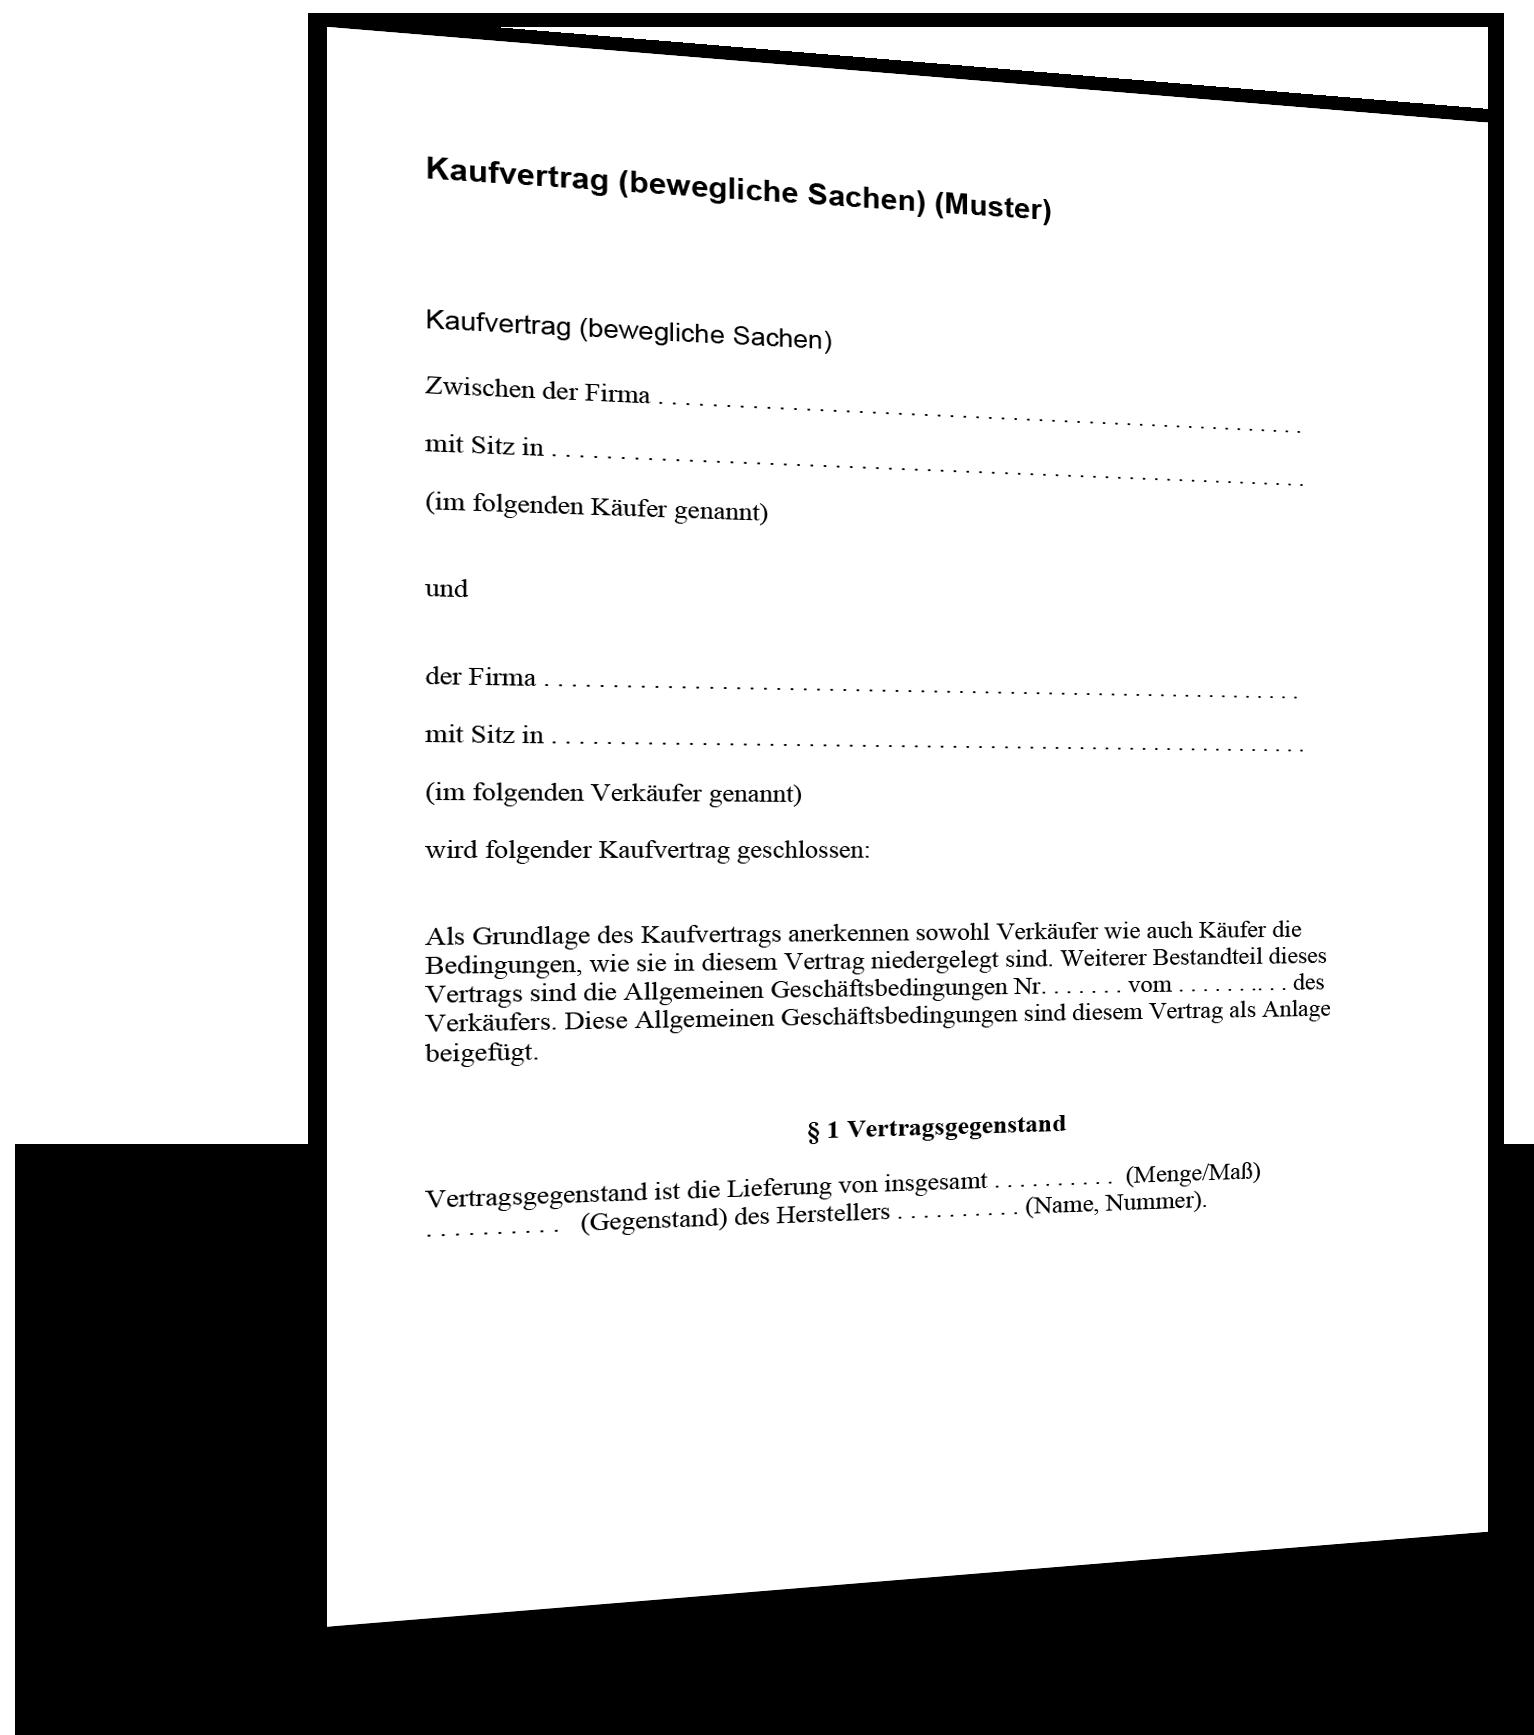 Kaufvertrag Bewegliche Sachen Muster Standardvertraege De